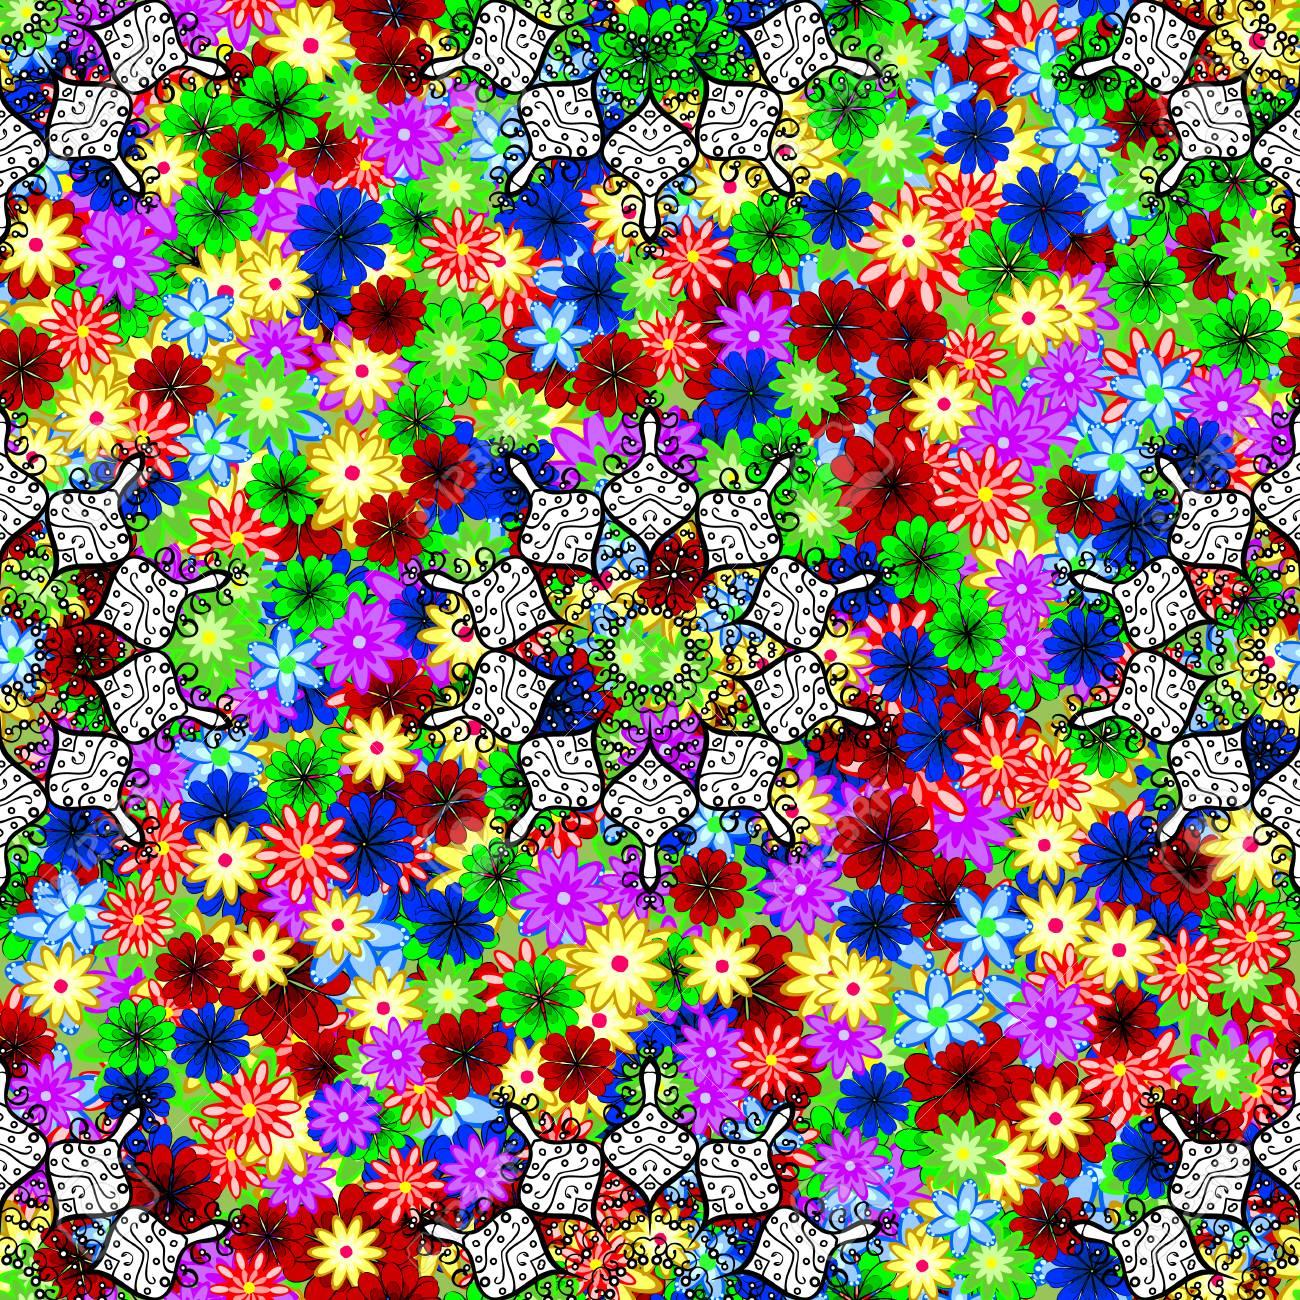 Patrón Floral De Vector Para Invitaciones De Boda Tarjetas De Felicitación Scrapbooking Impresión Papel De Regalo Tela De Fabricación Y Textil